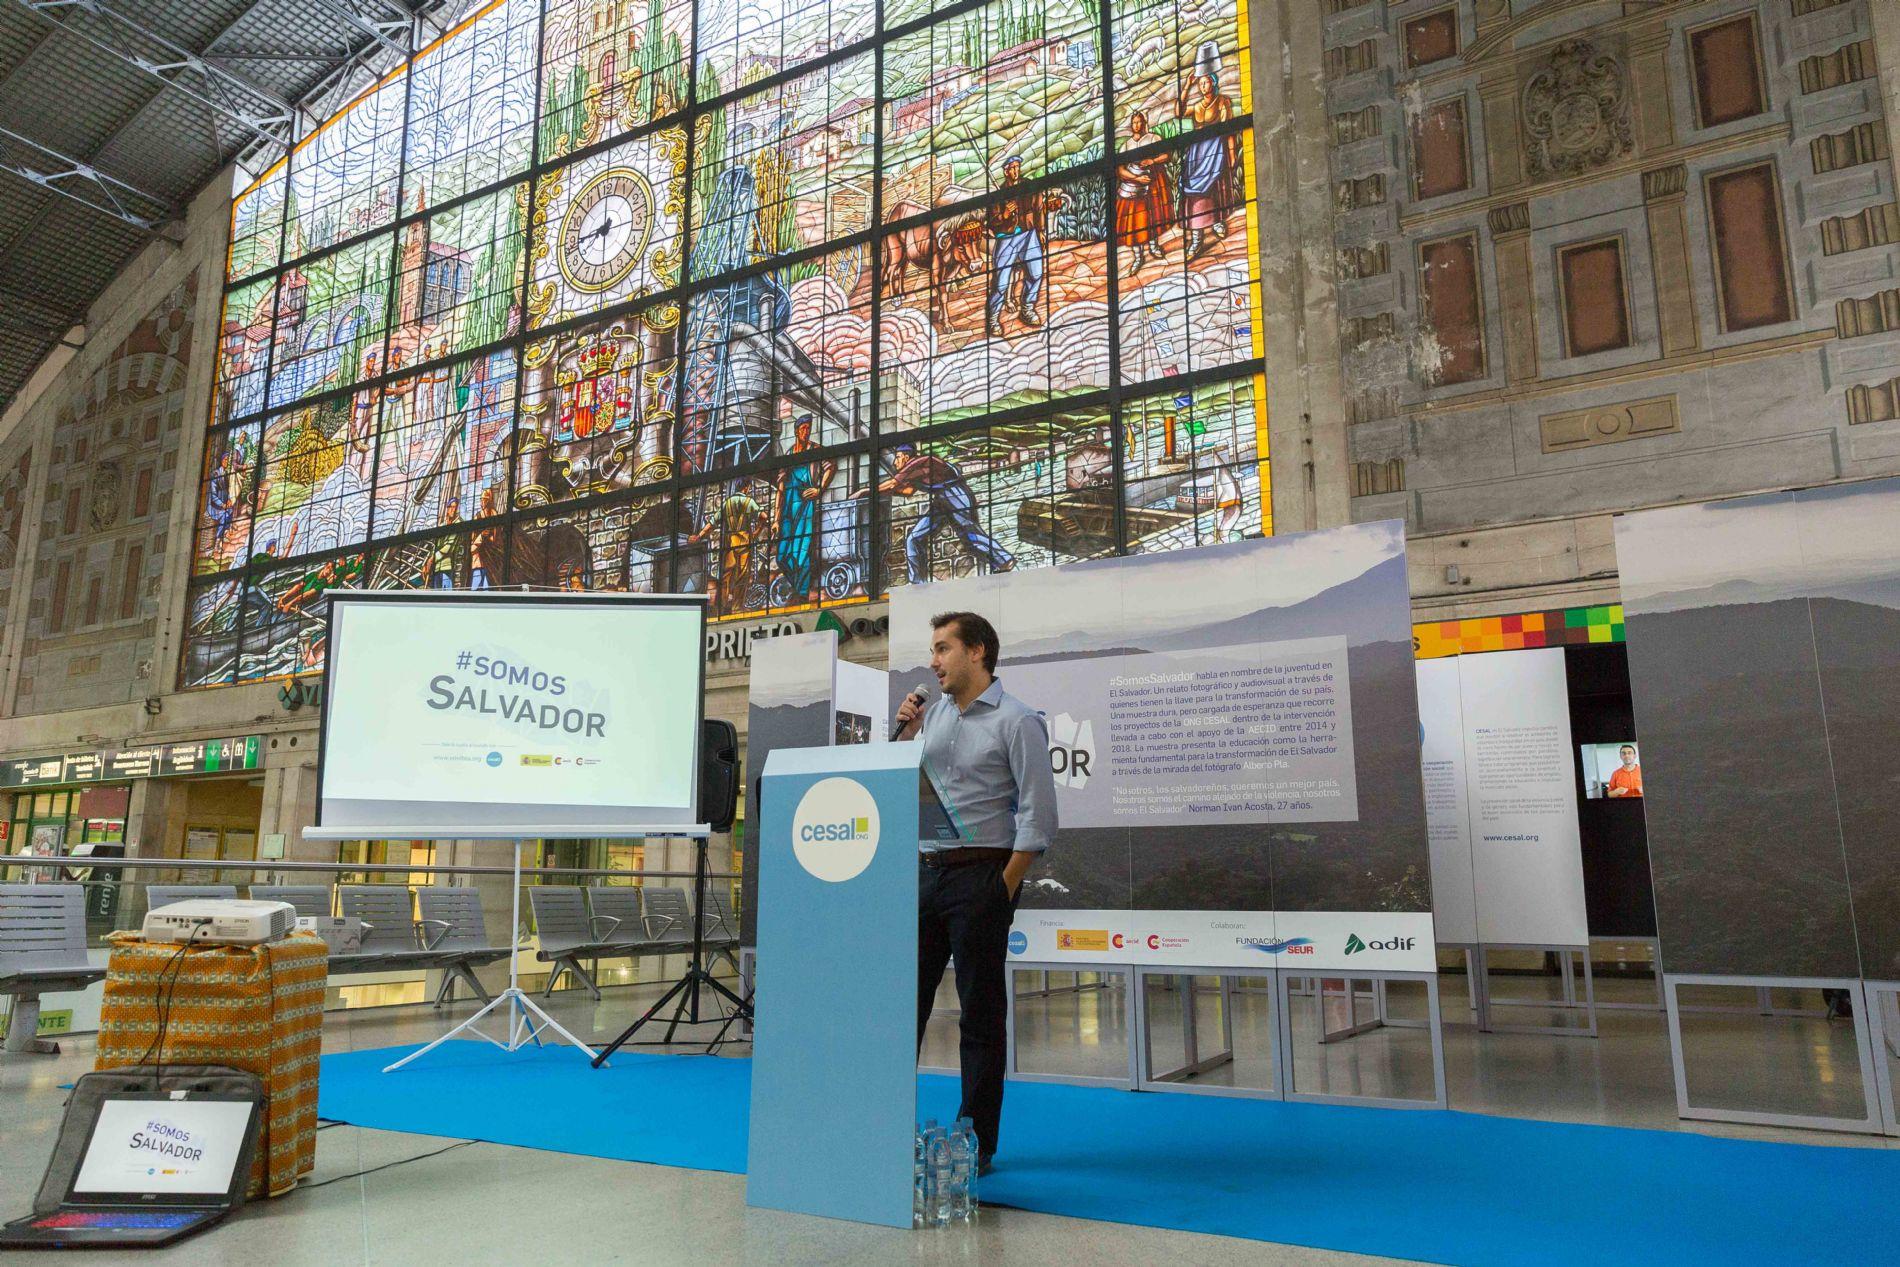 Inauguración Exposición SomosSalvador en Bilbao